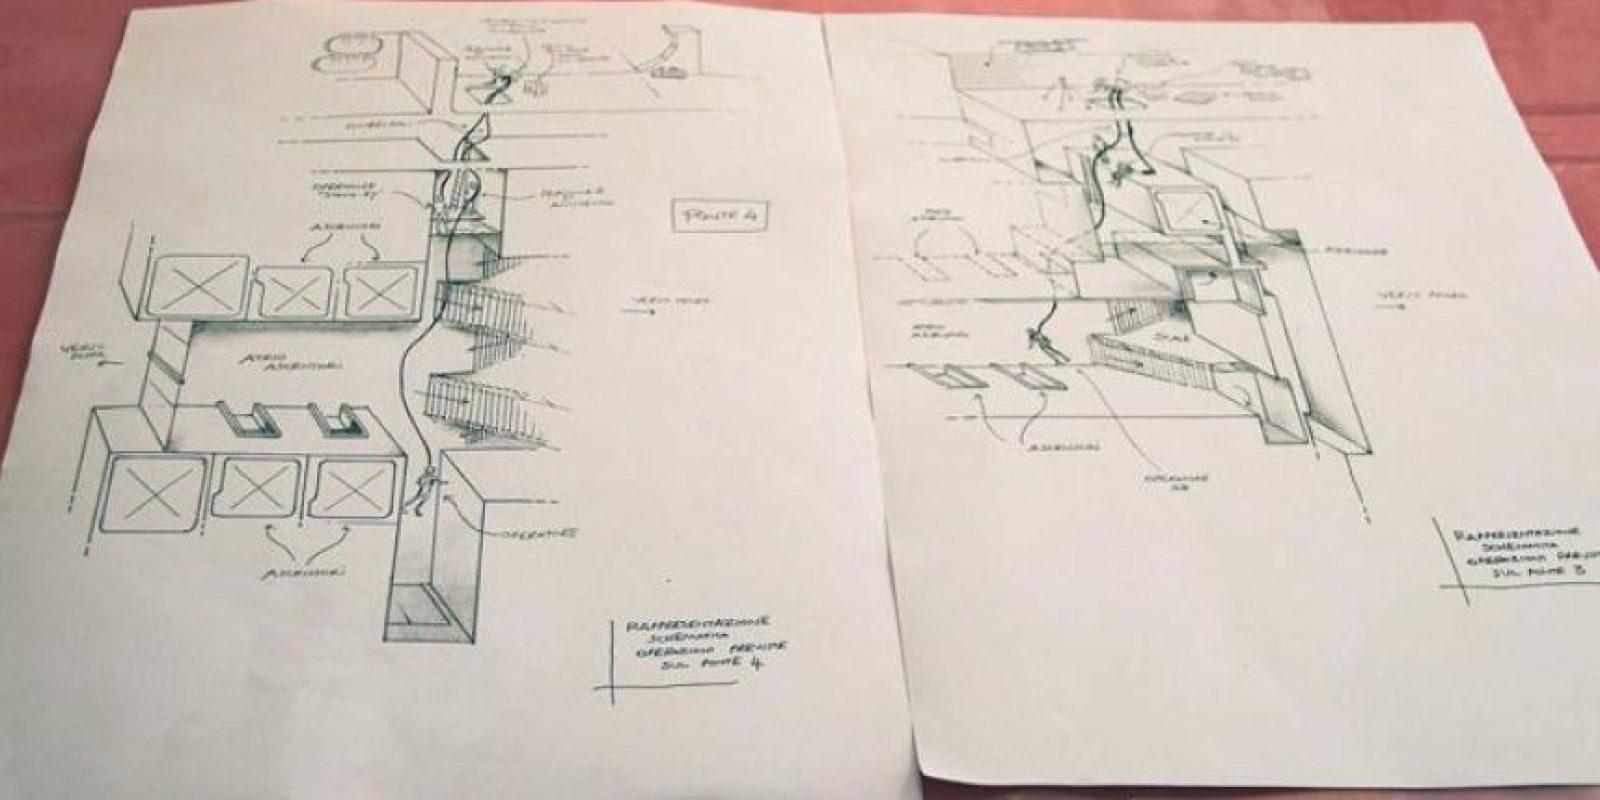 Plano de las operaciones de rescate de víctimas del naufragio del Costa Concordia, en la isla italiana de Giglio, hoy, miércoles, 22 de febrero de 2012. EFE